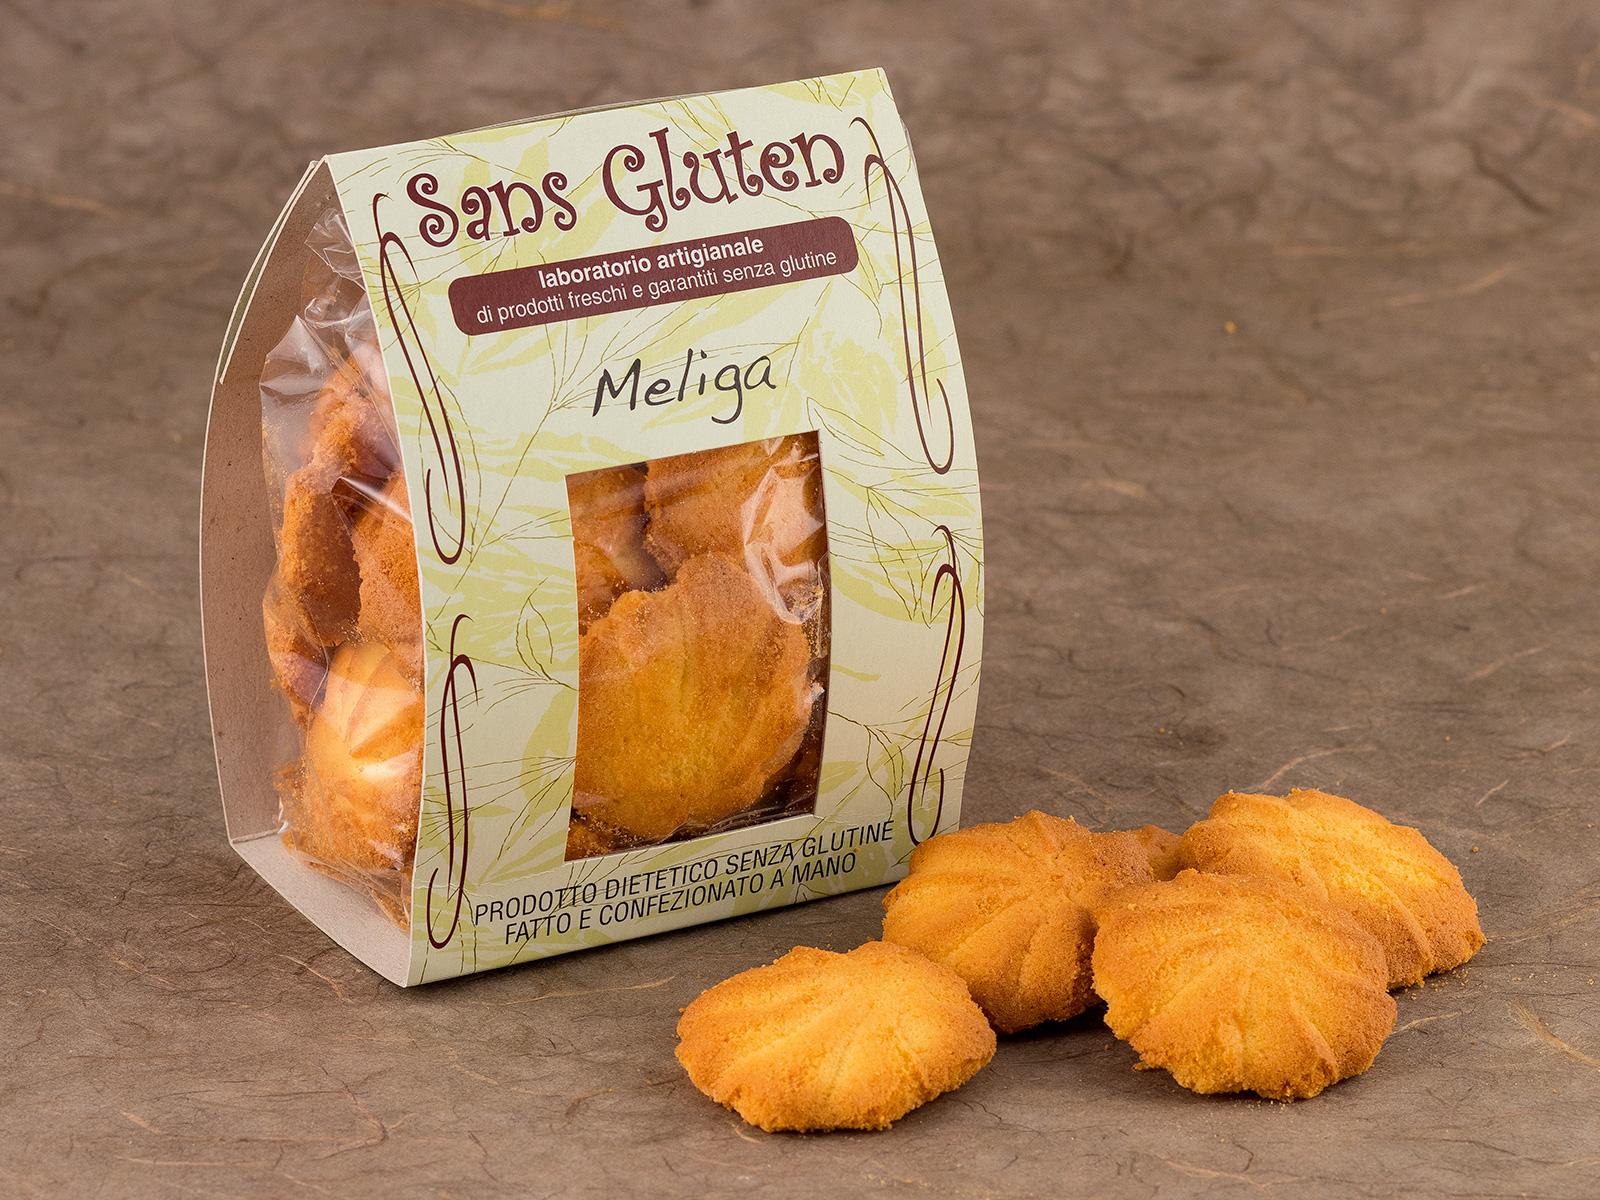 sans gluten | prodotti freschi e garantiti senza glutine.